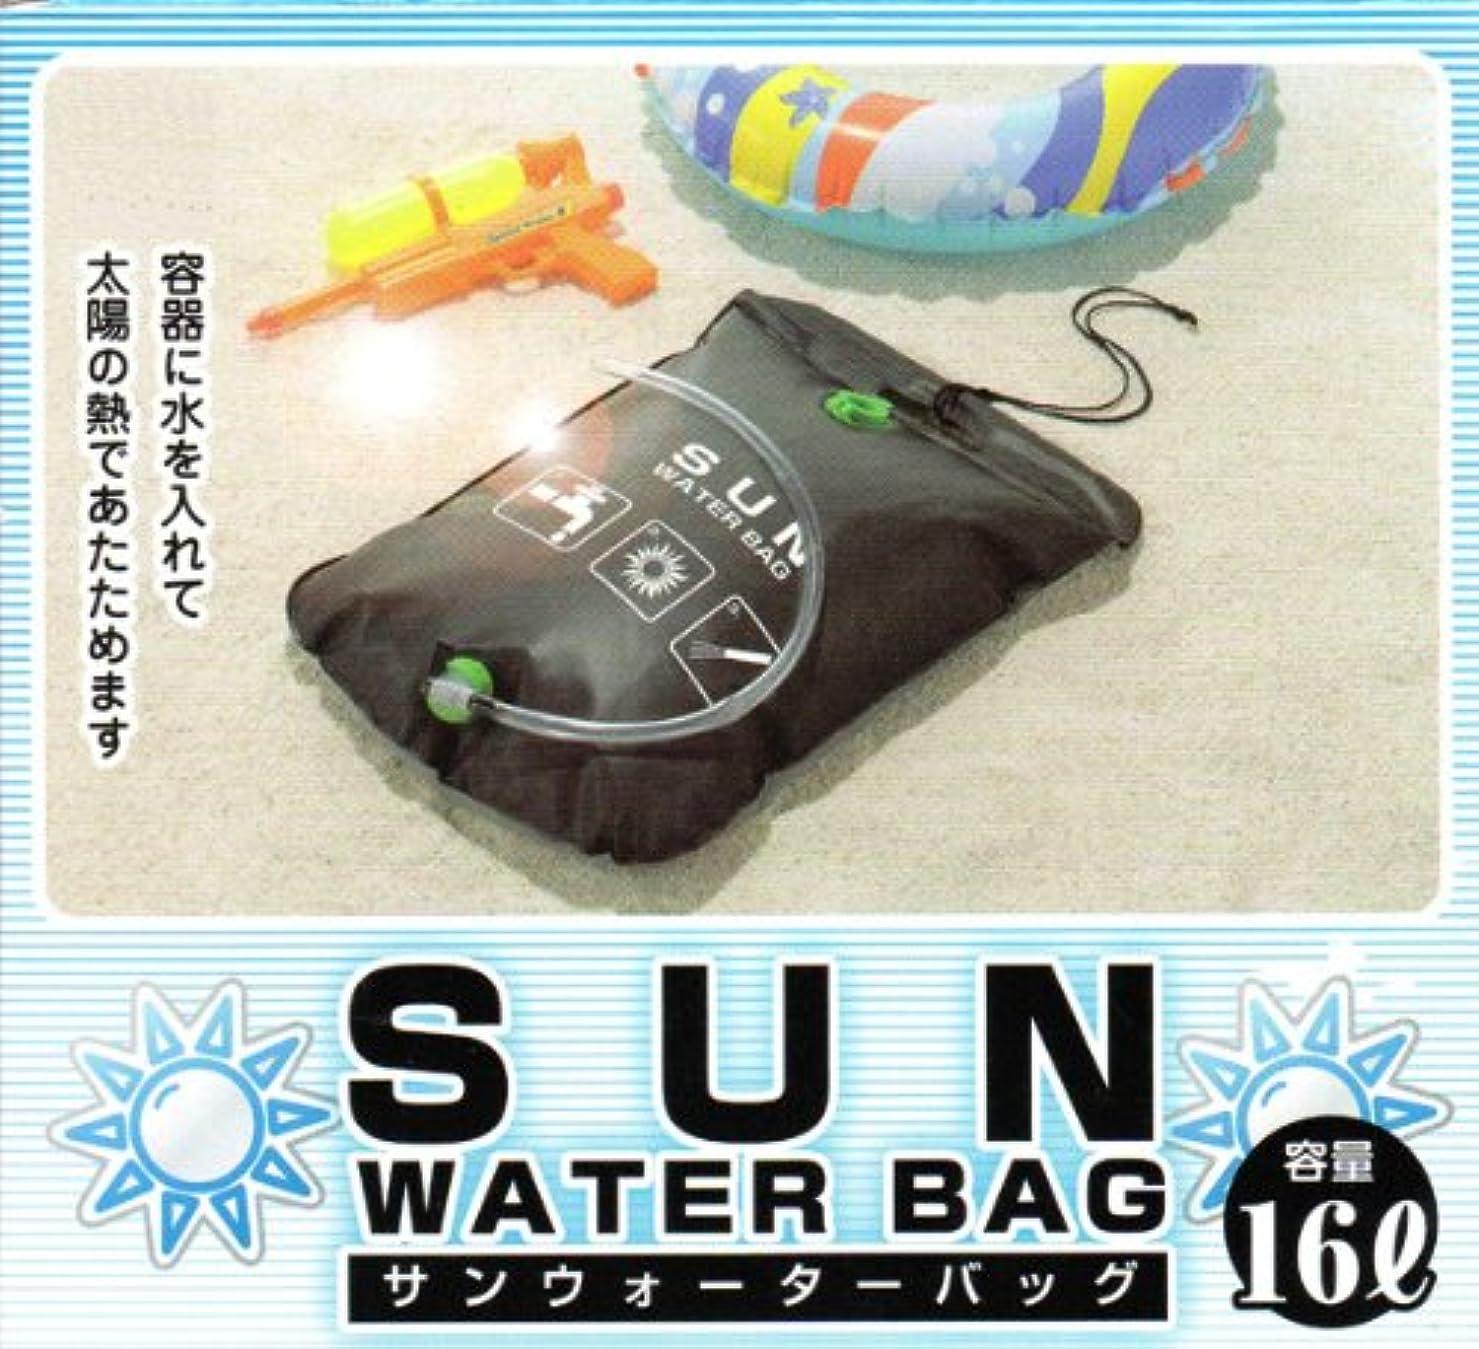 周波数脳独裁太陽熱を吸収して、水をお湯に!?サンウォーターバックホース付?容量16リットル 2430-531